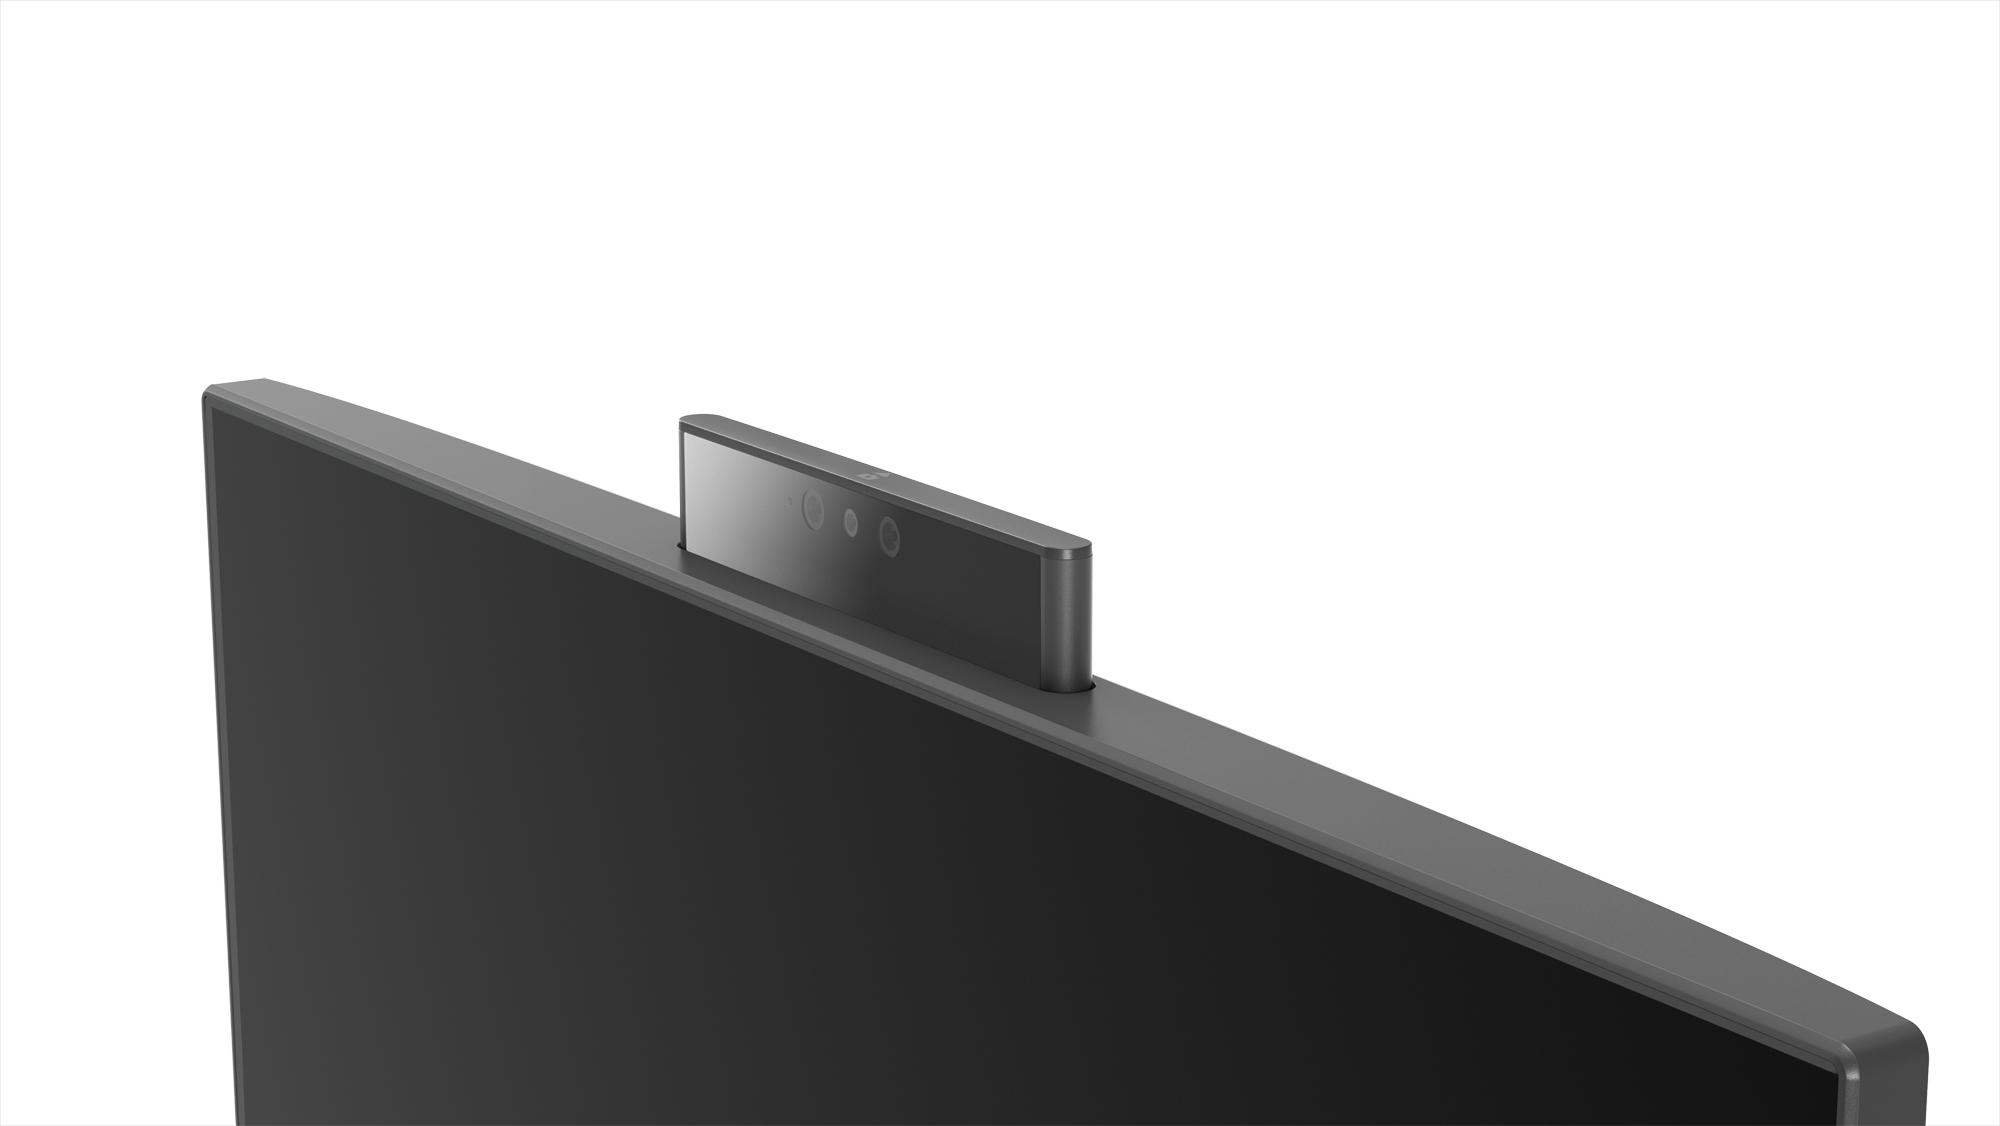 Фото  Моноблок Lenovo ideacentre 520-24 Black (F0D200CHUA)